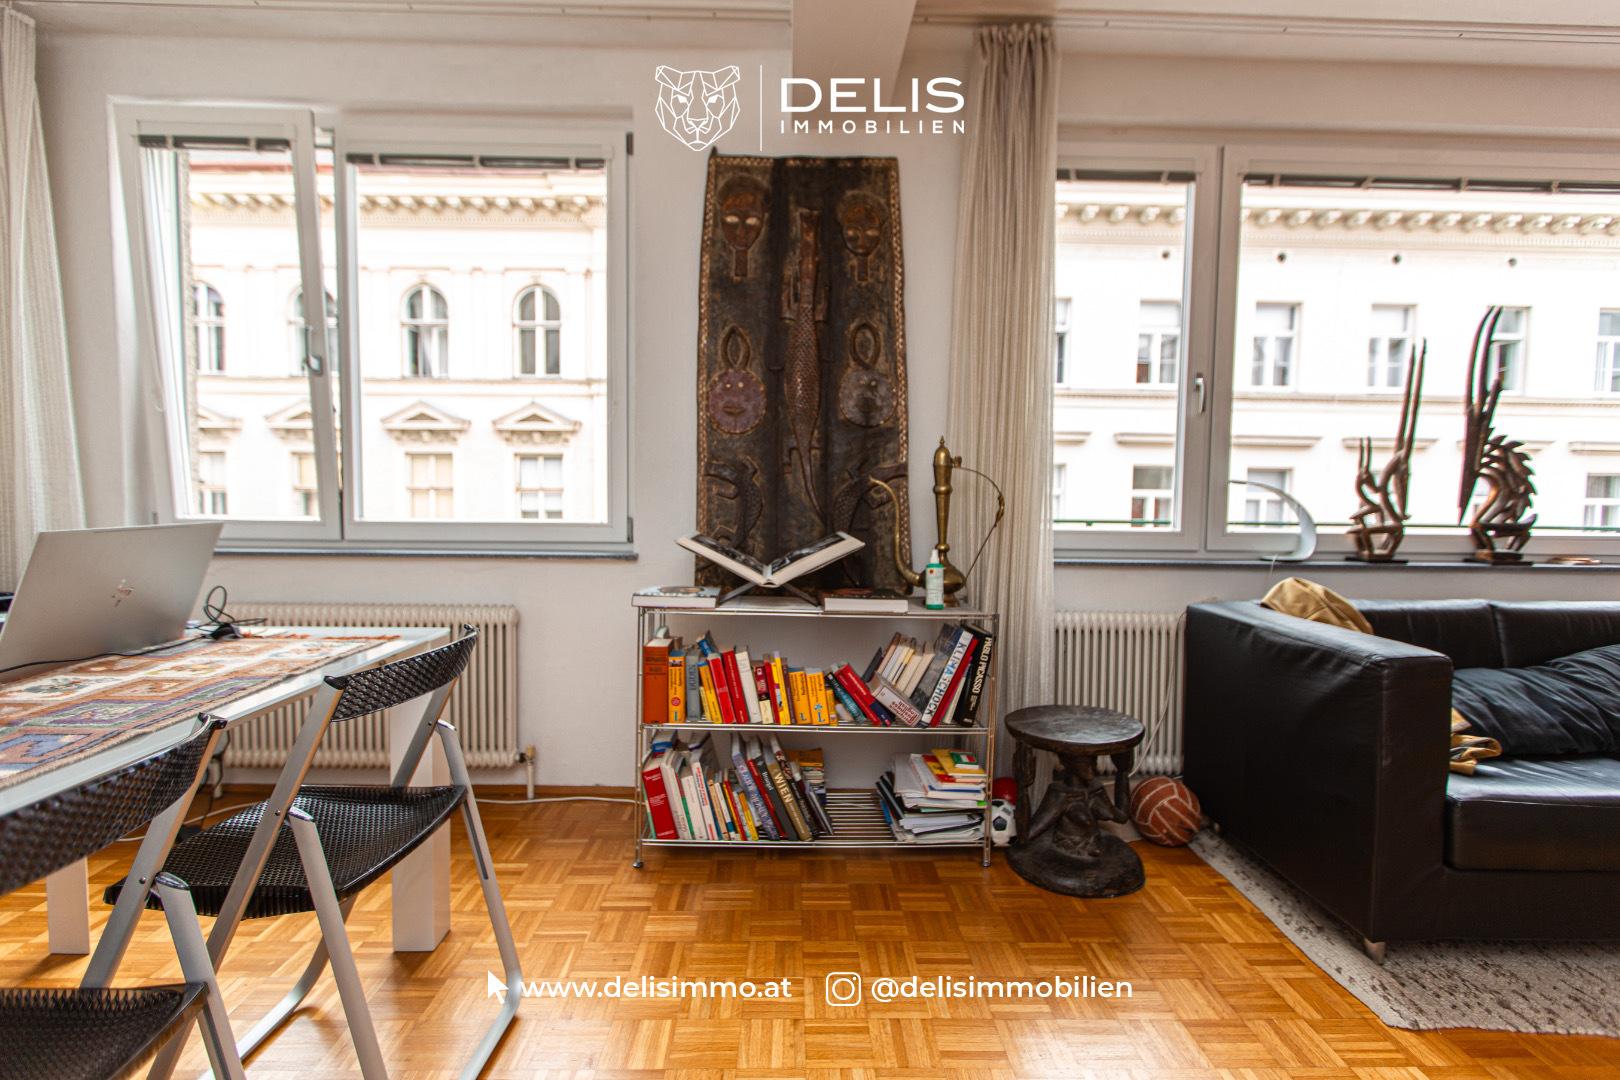 Delis_Vorlage_109044